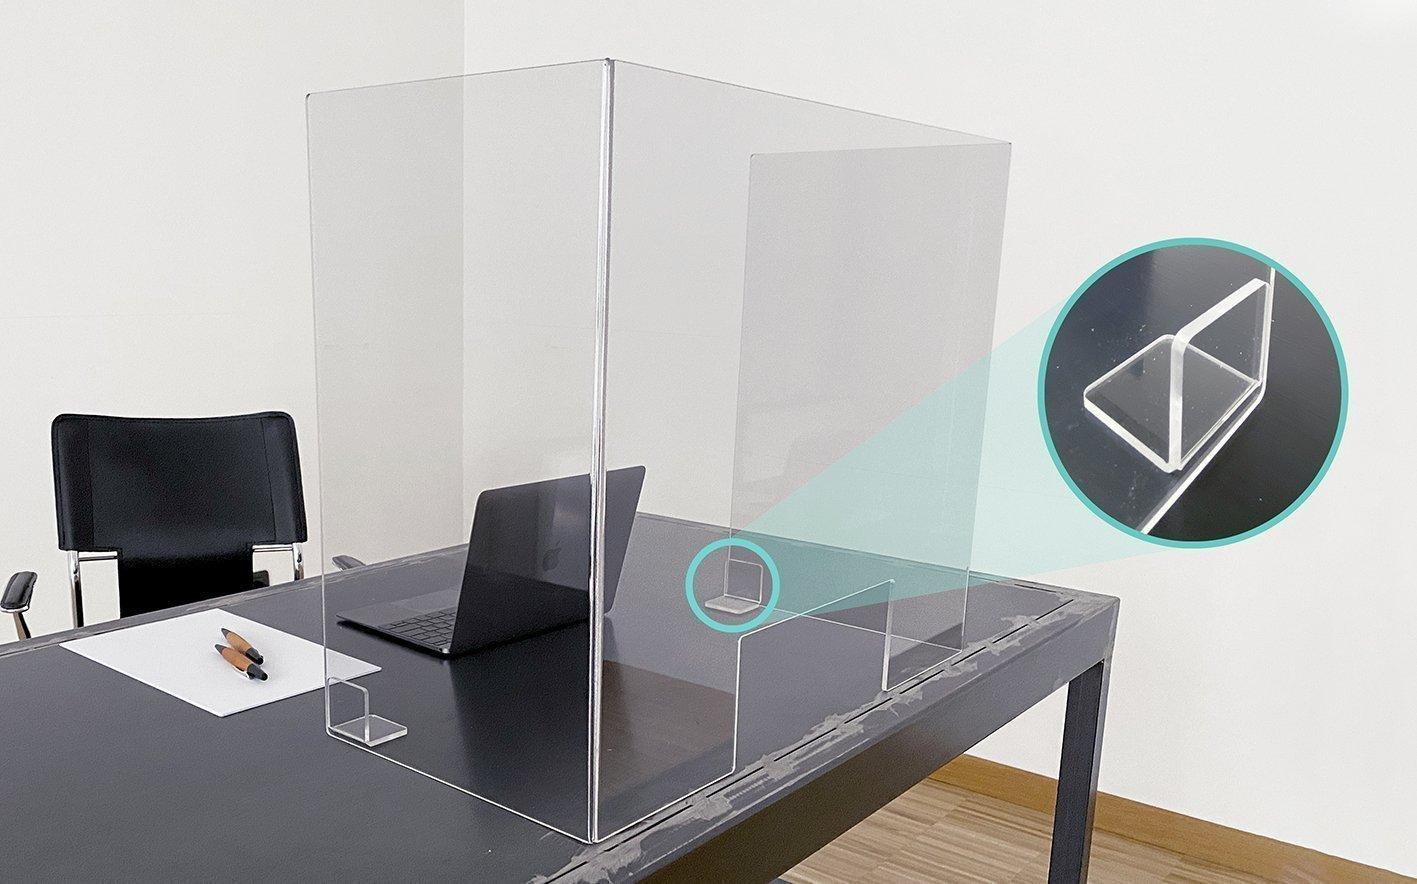 Divisori In Plexiglass Per Esterni barriere parafiato in plexiglass da scrivania